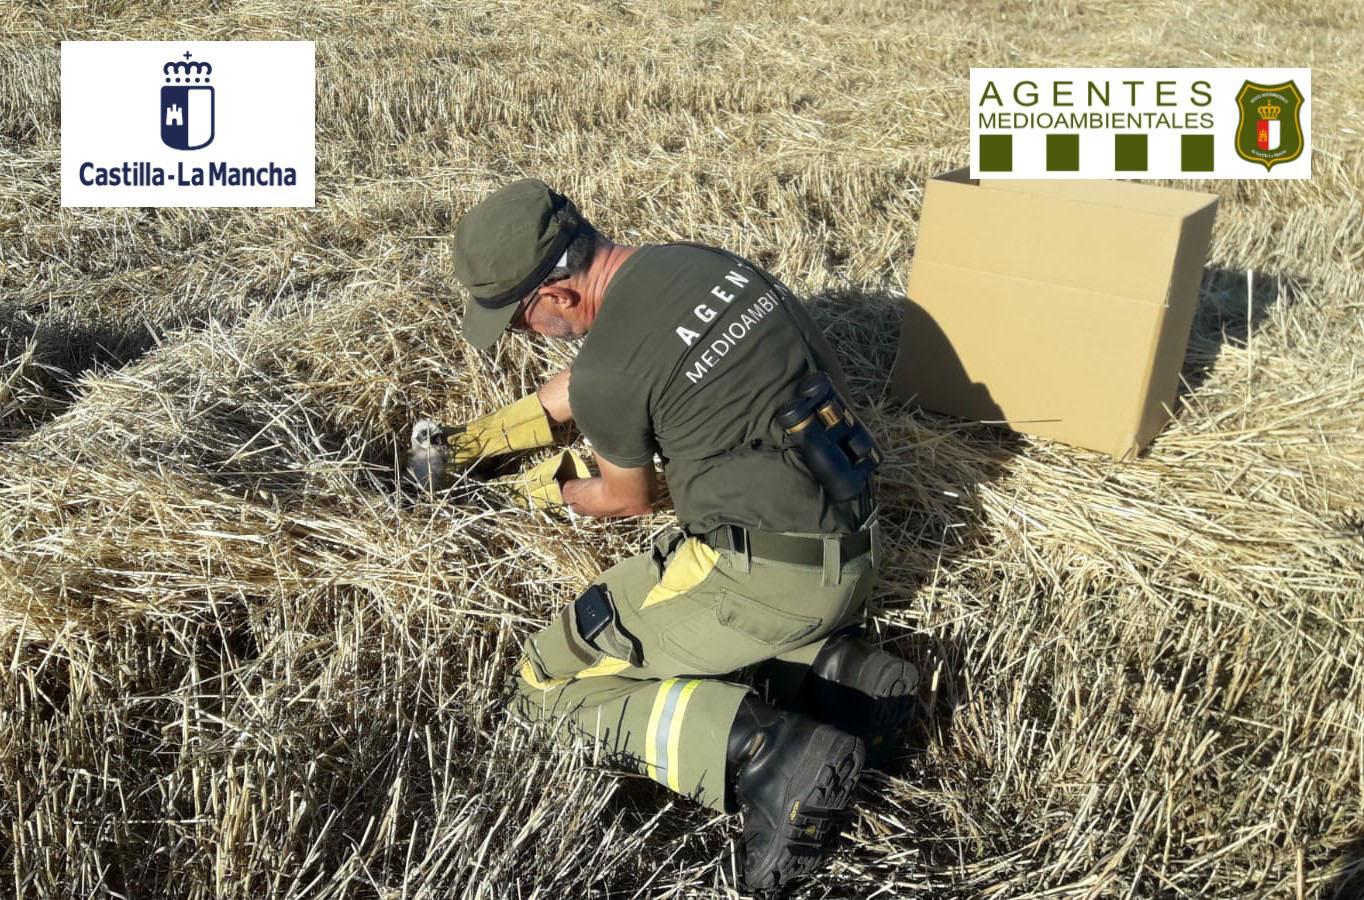 Agente medioambiental rescata varios aguiluchos en CLM.